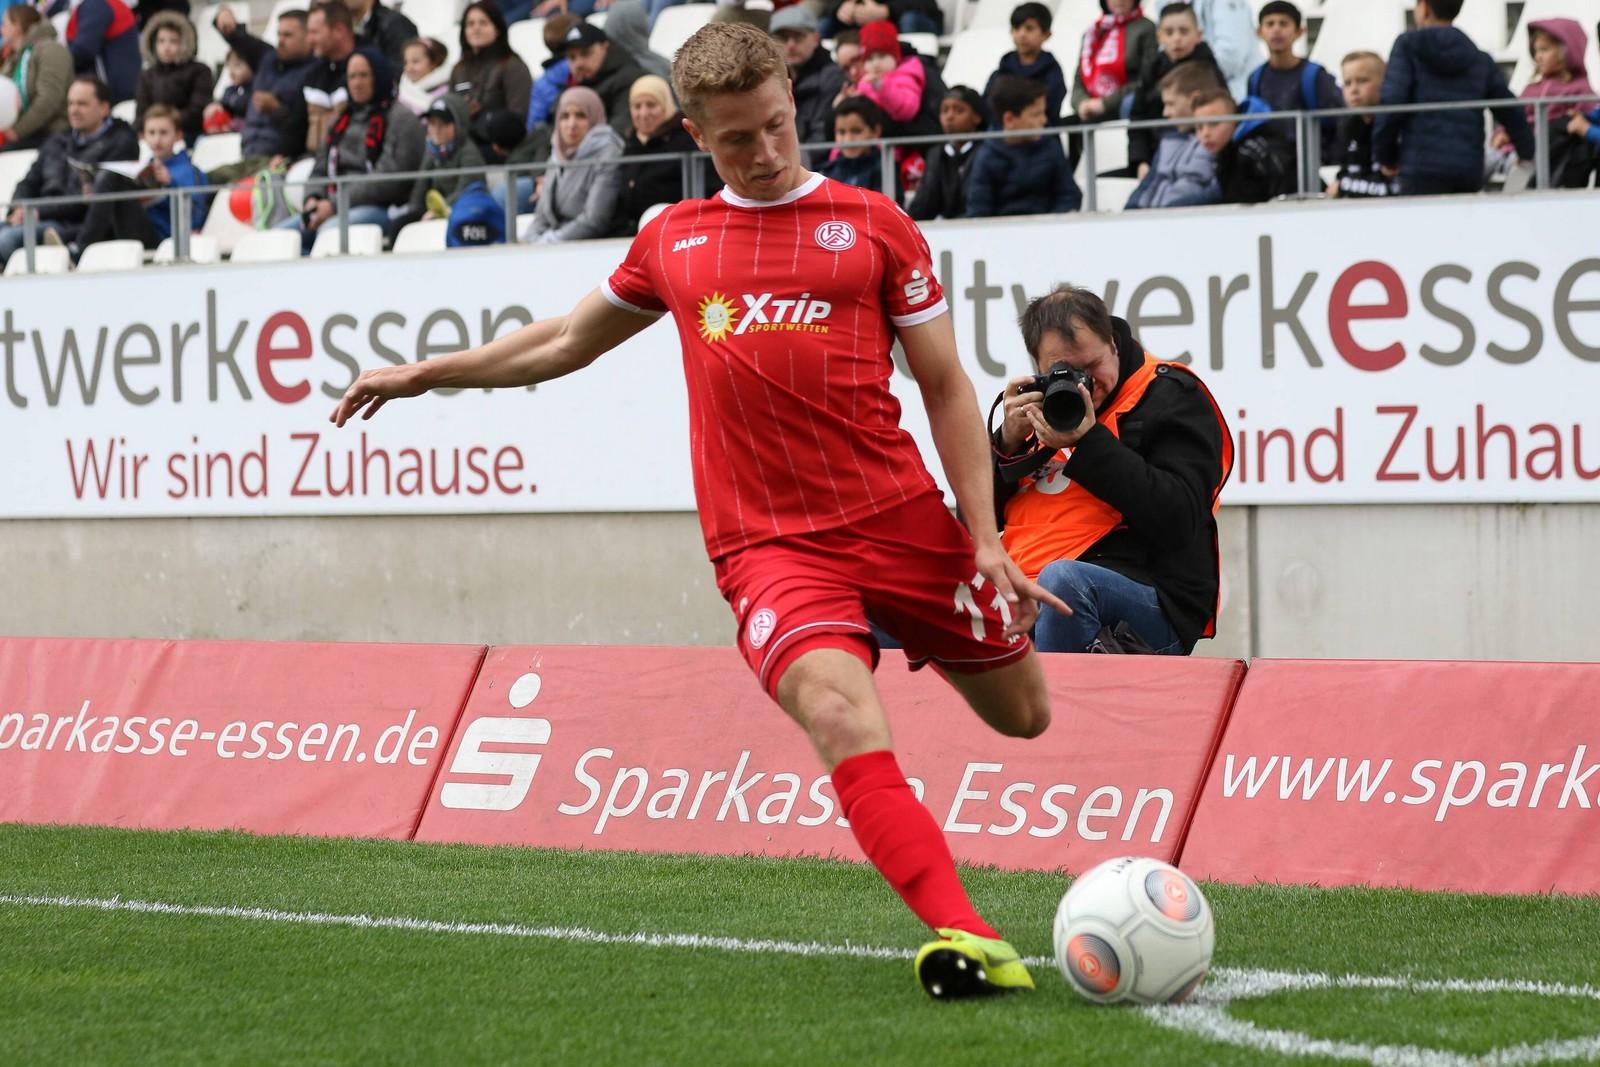 Lukas Scepanik tritt Eckball bei Spiel von Rot-Weiß Essen